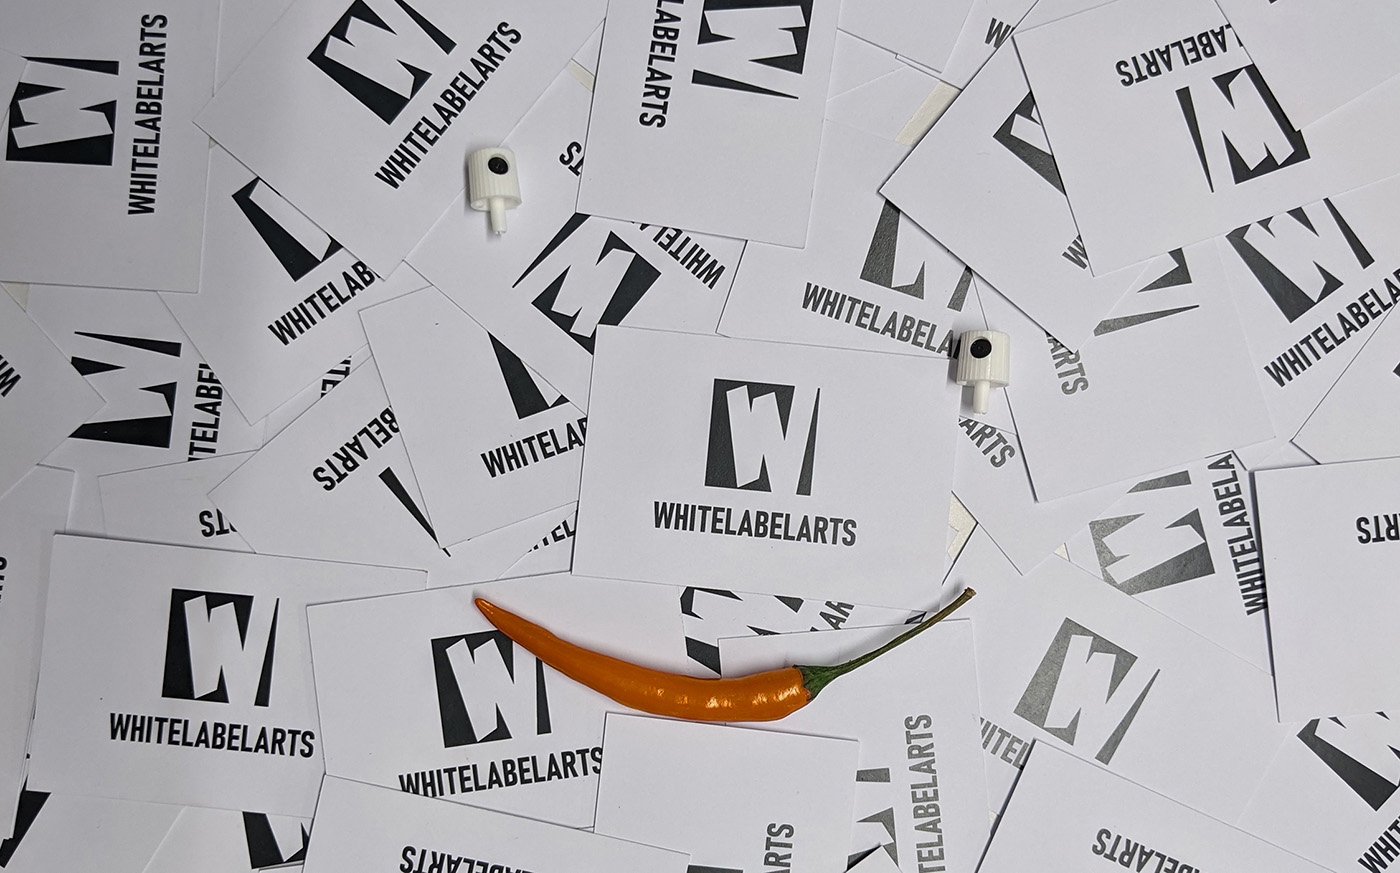 Witte visitekaartjes WhiteLabelArts als achtergrond met 2 NY caps en een oranje chili peper